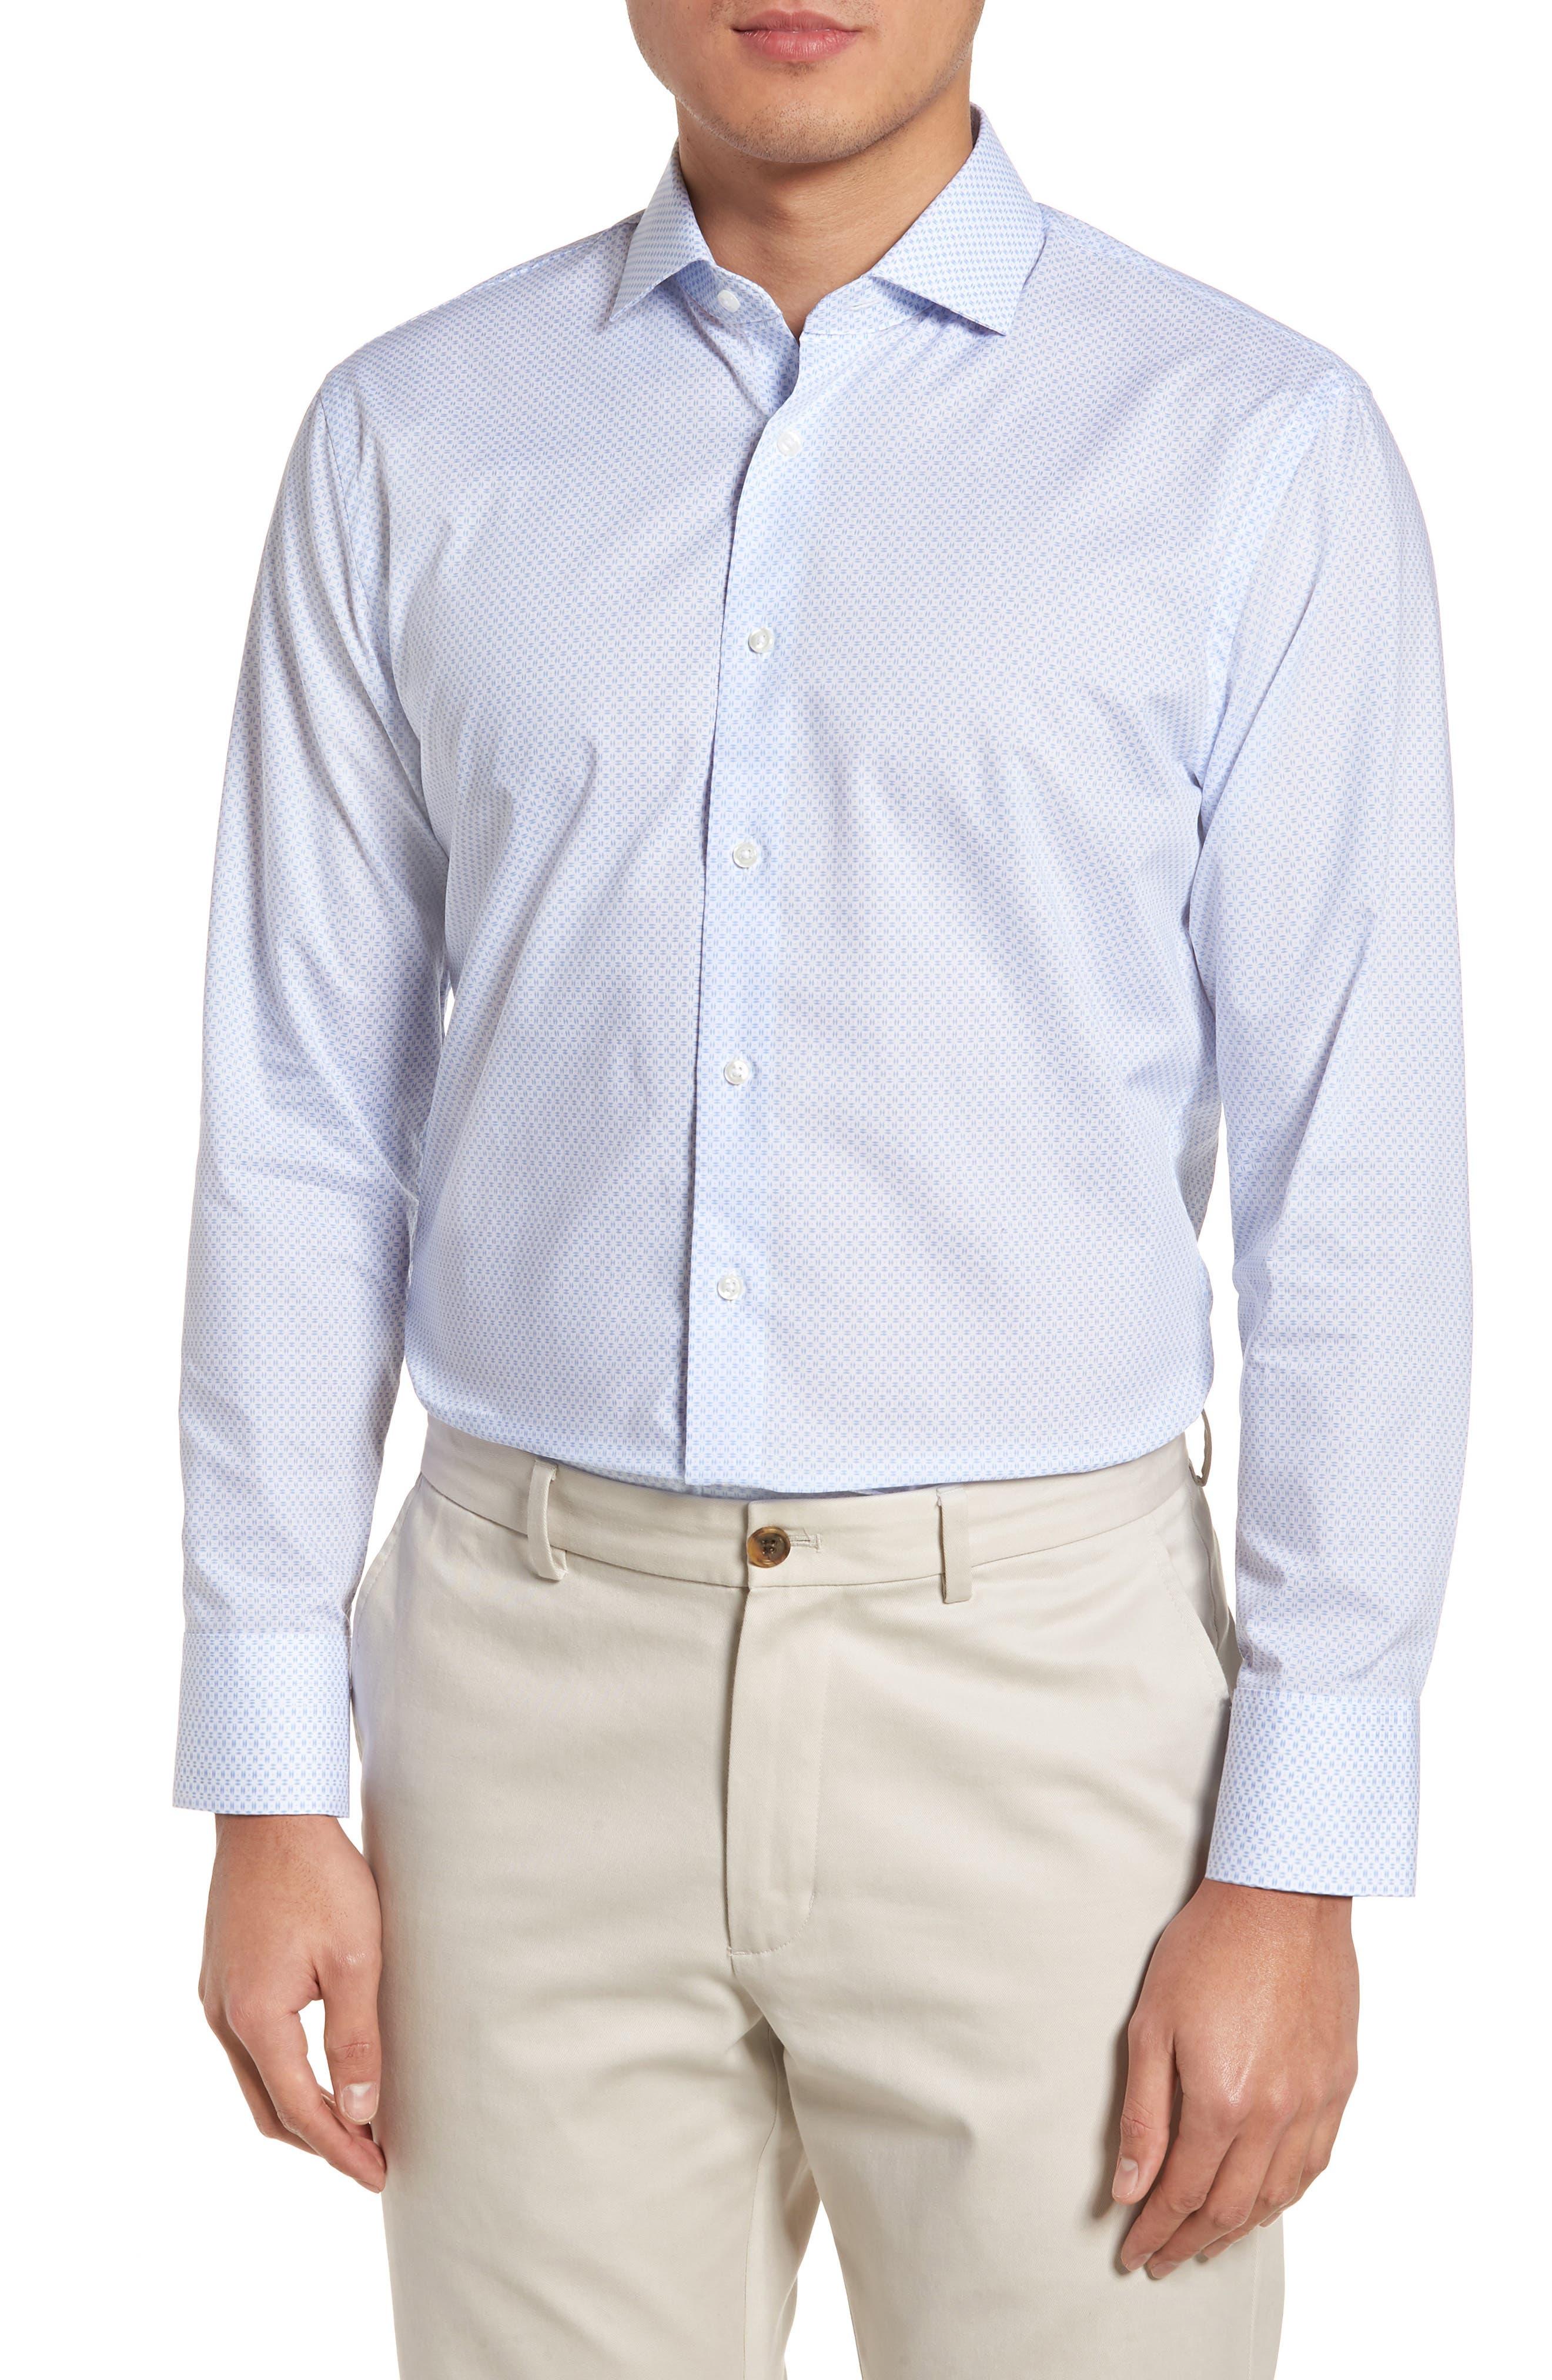 Alternate Image 1 Selected - Nordstrom Men's Shop Trim Fit Dress Shirt